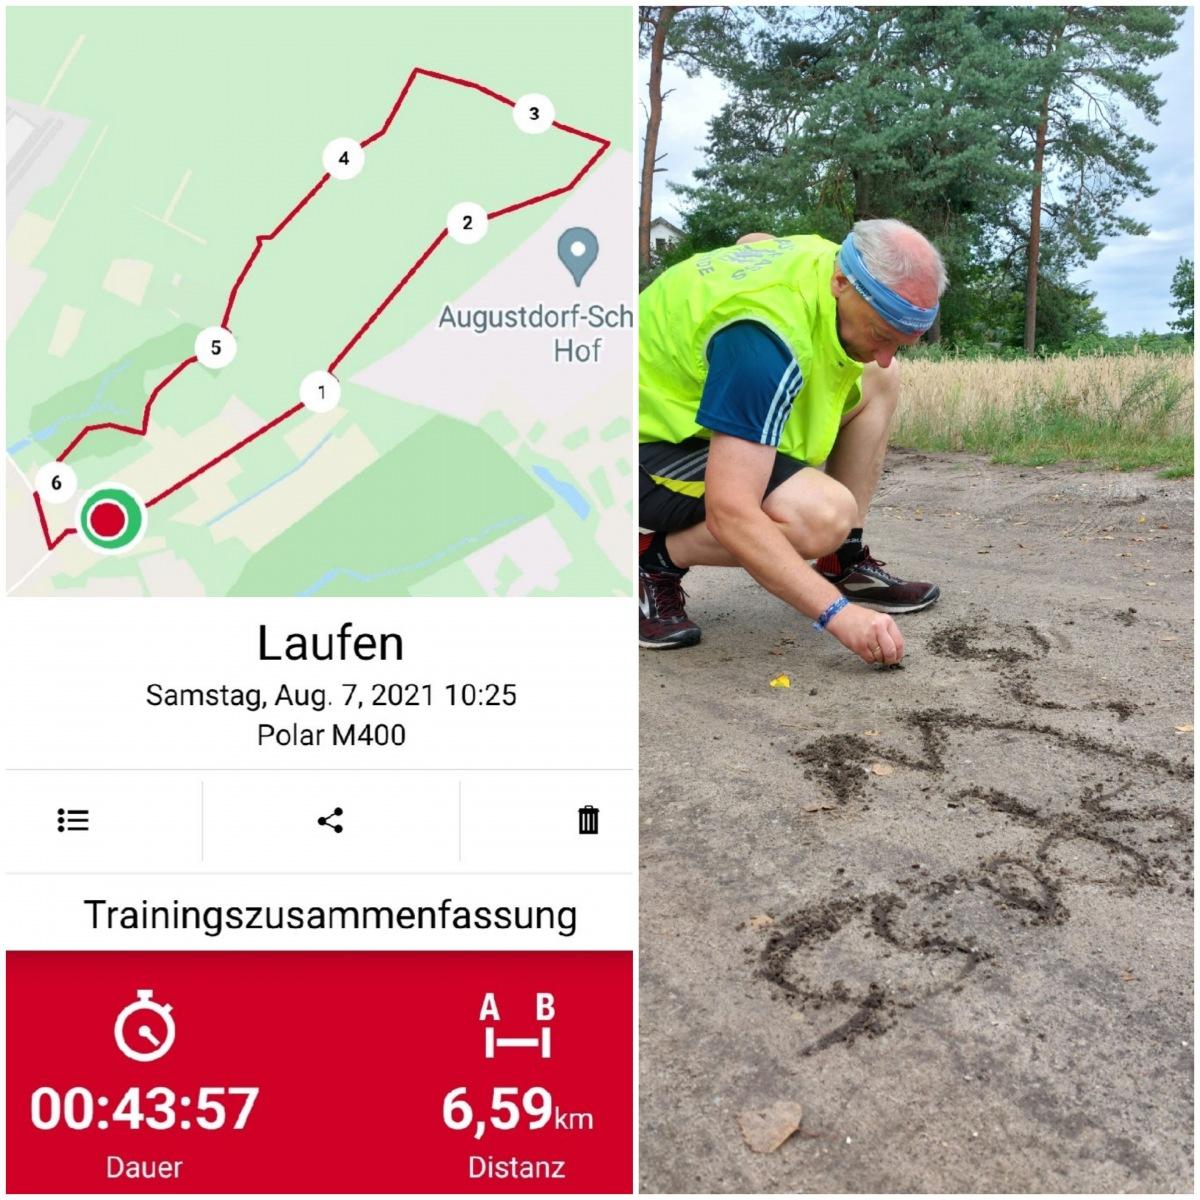 Herrmann-Frank-29-Challenge-Werbelauf-EoRc0